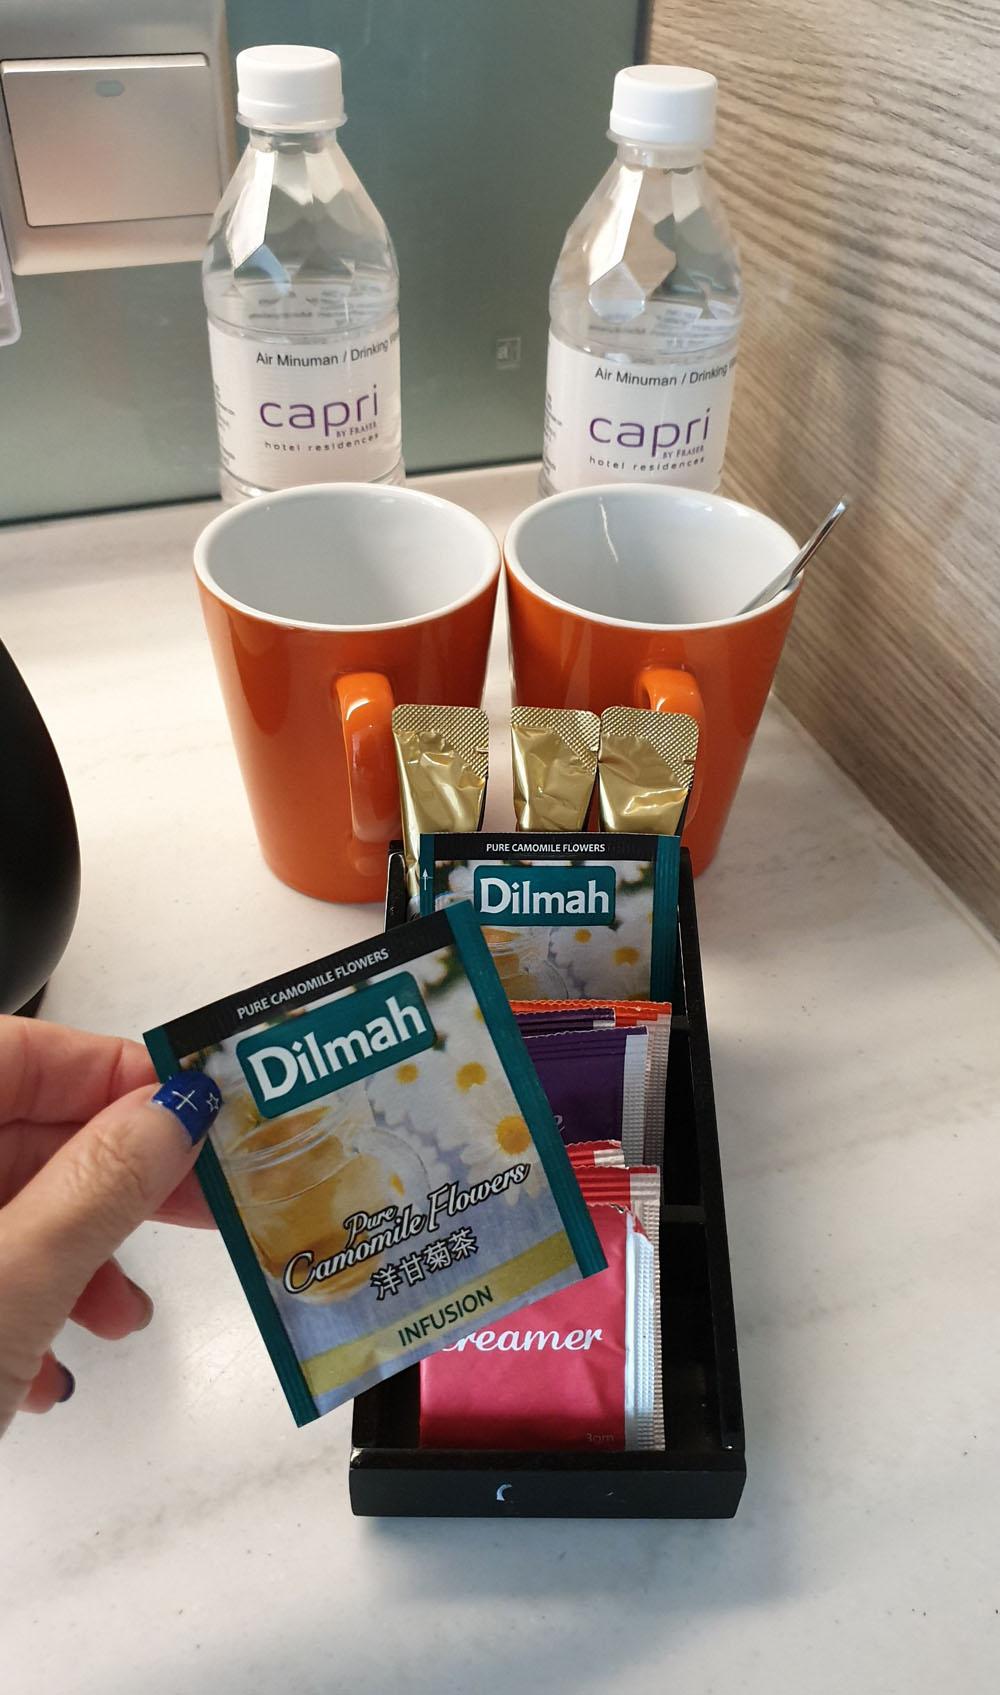 Capri Fraser Johor Review